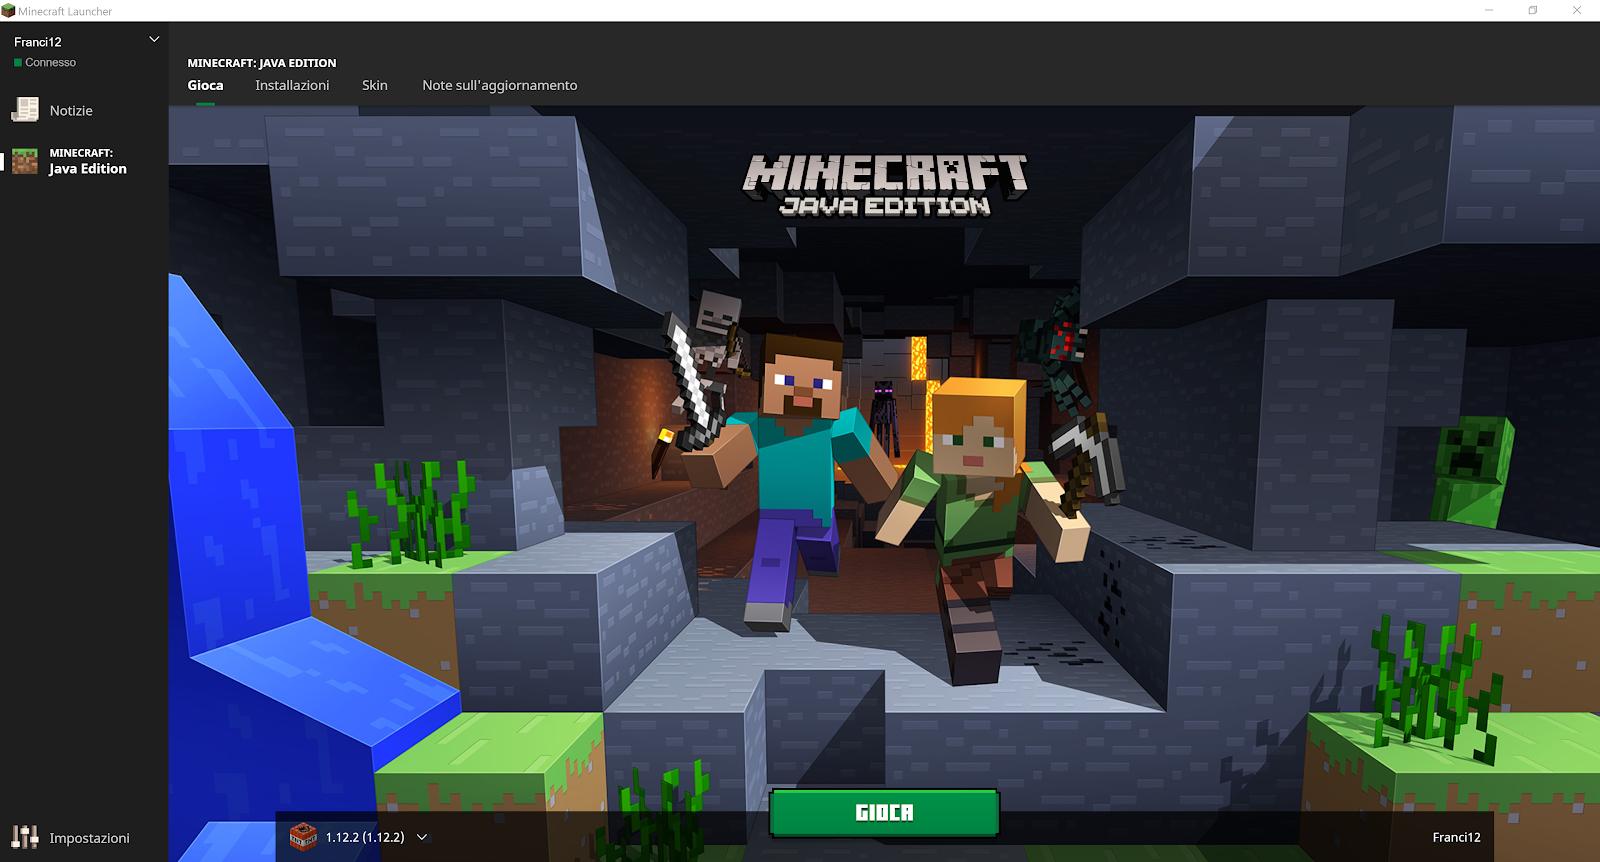 """Schermata Principale di Minecraft - Cliccare nel menu in alto la sezione """"Installazioni"""", per proseguire col tutorial su come dedicare più RAM a Minecraft."""